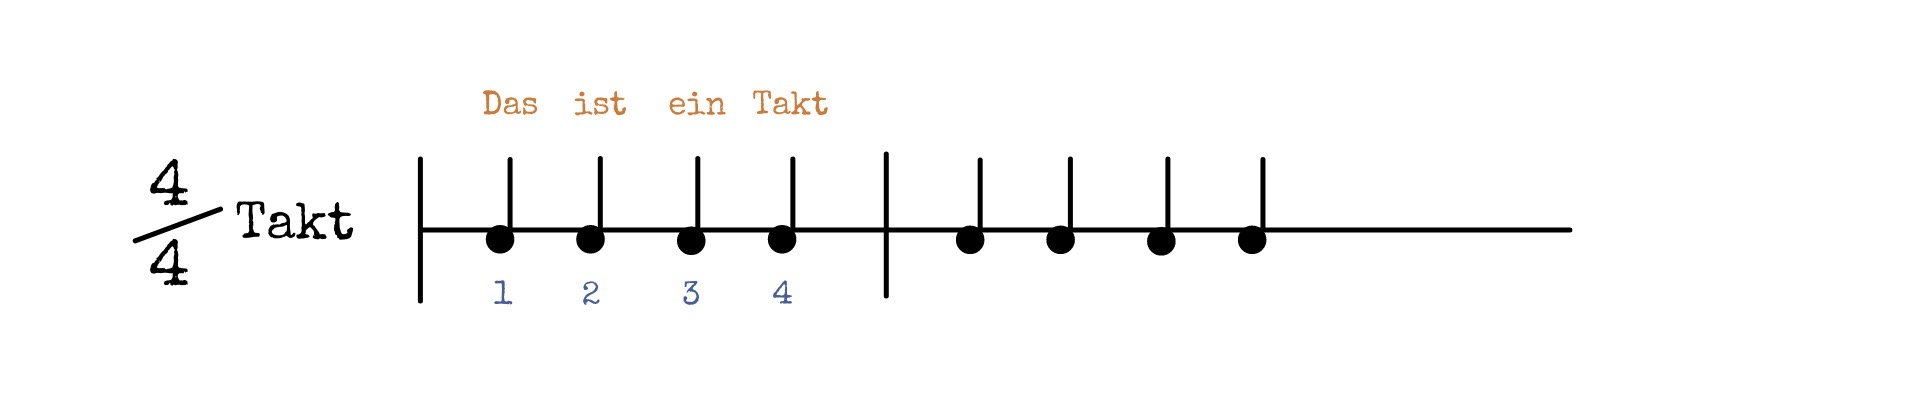 Beispiel 4 4tel Takt